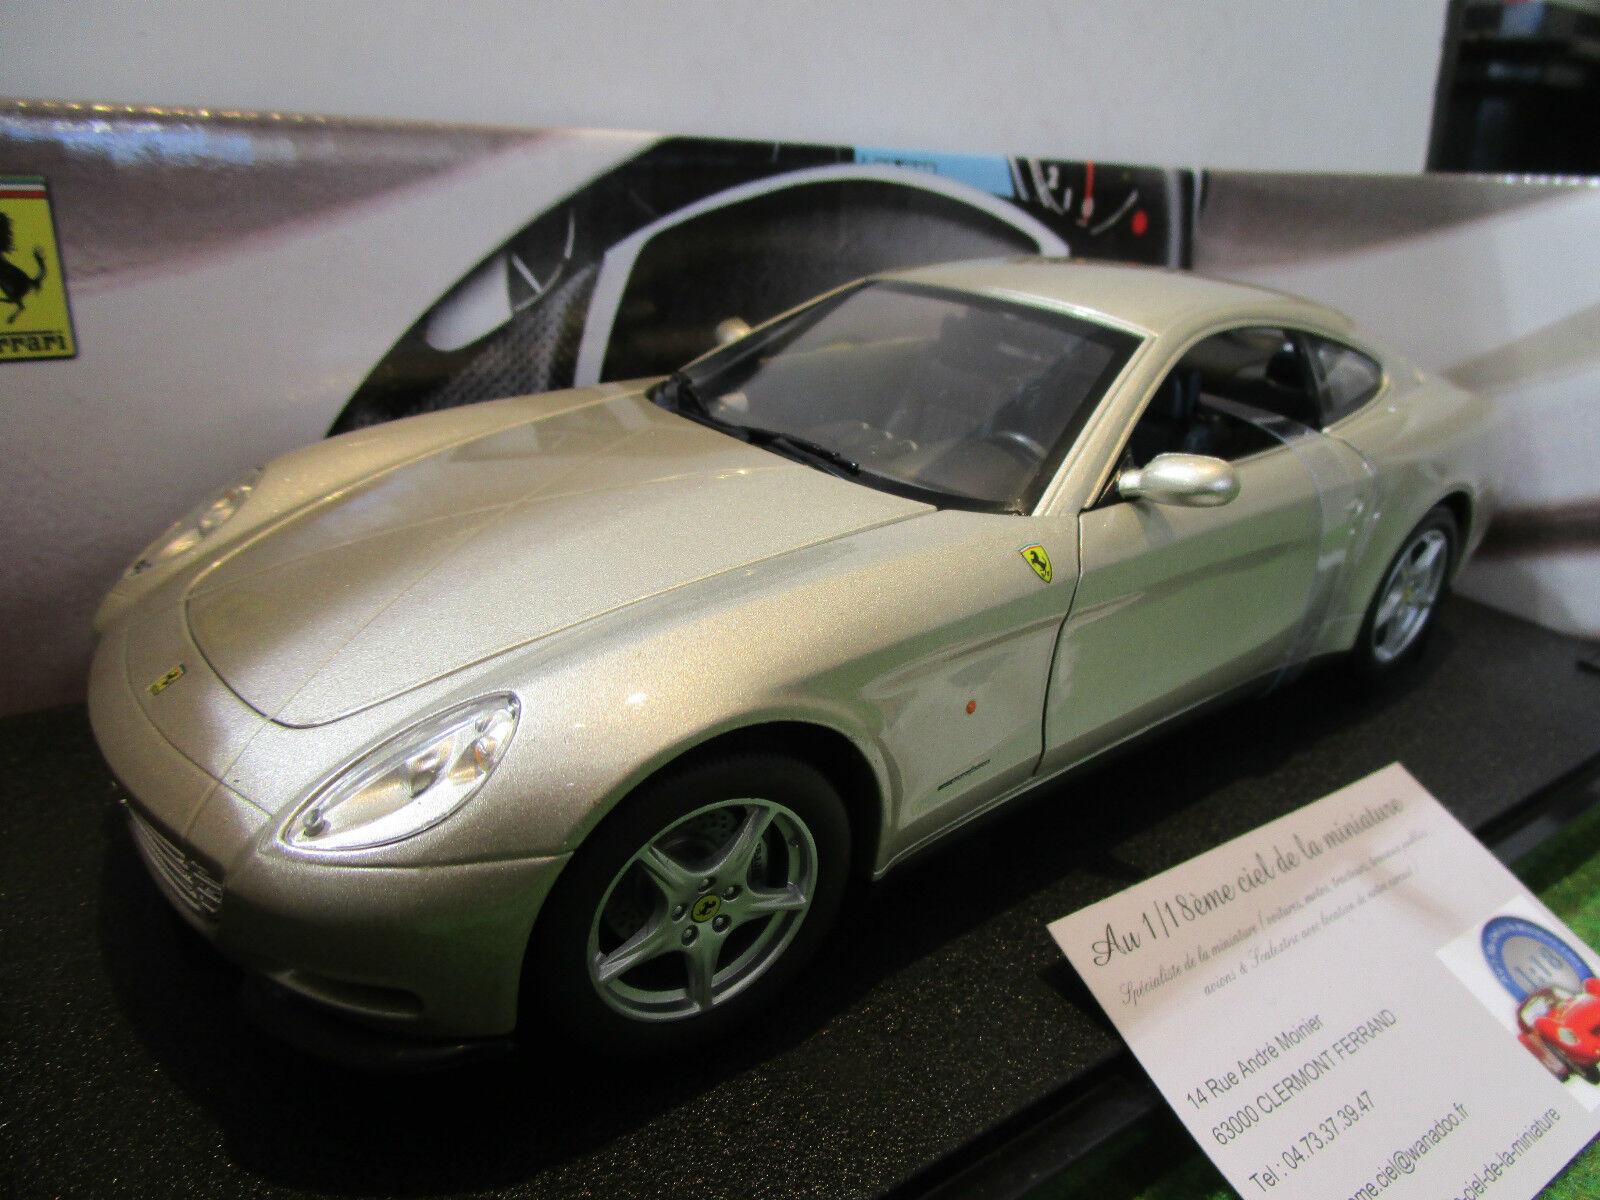 FERRARI 612 SCAGLIETTI champa 1 18 HOT WHEELS C7524 voiture miniature collection